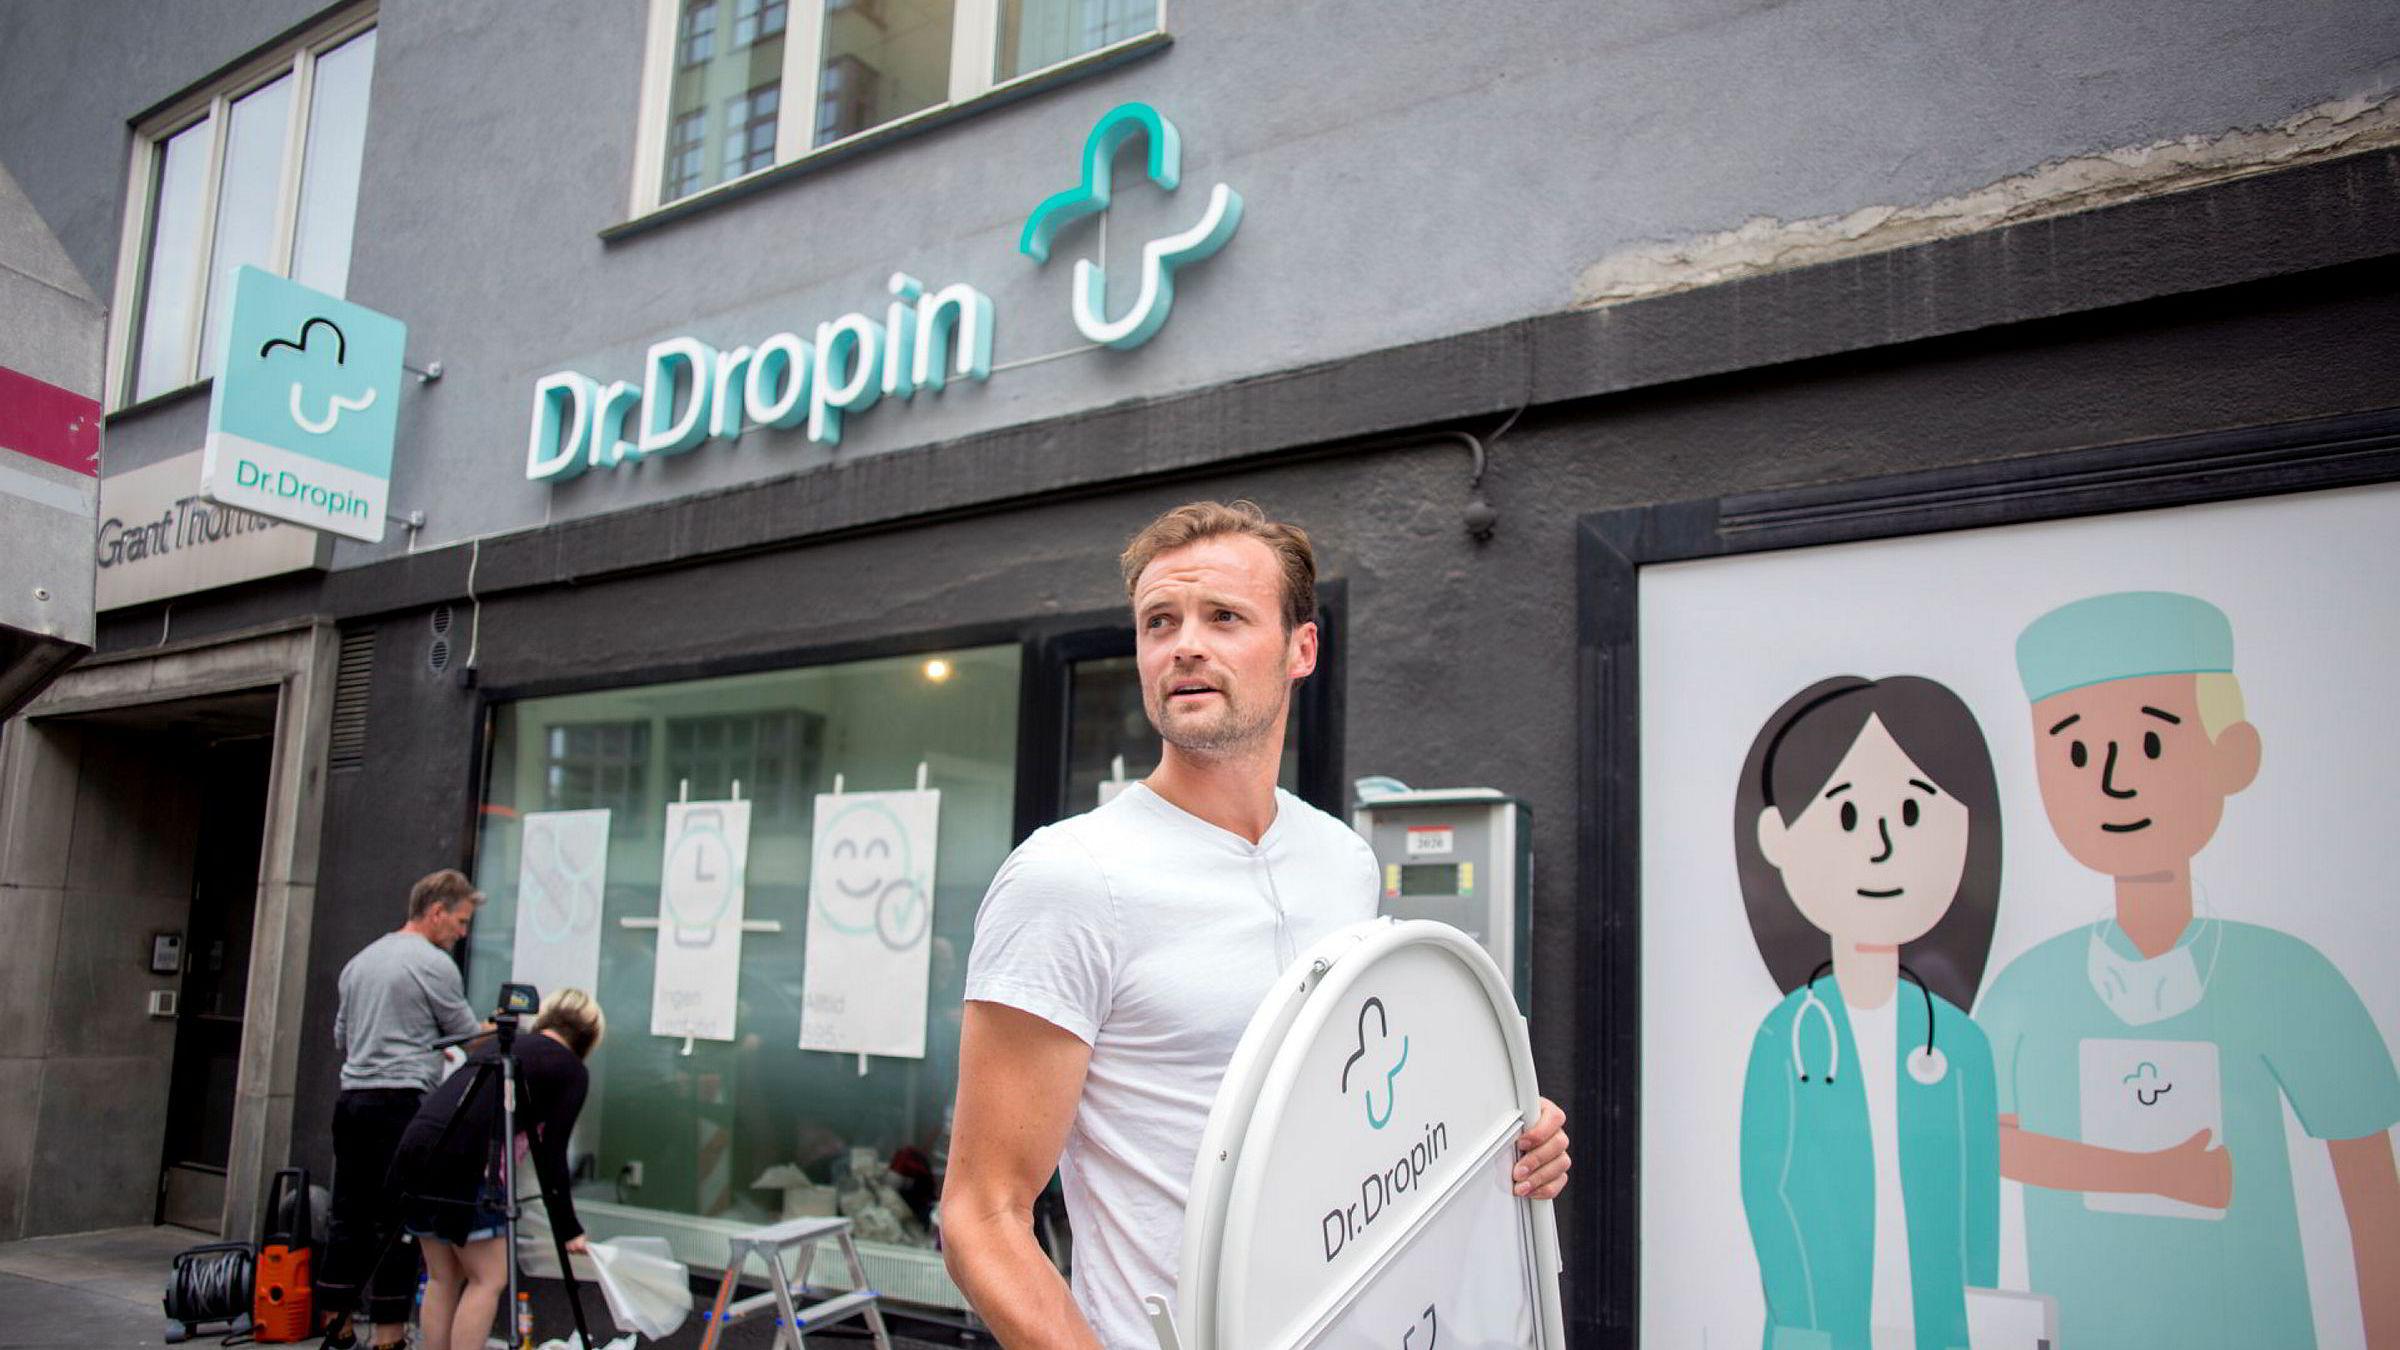 Det er naturlig at det dukker opp tjenester som forsøker å profittere på en befolkning med stadig høyere forventninger til service og fleksibilitet, som Daniel Sørlis nystartede legevakt Dr. Dropin. Selskapet tilbyr køfri legetjenester etter Uber-modellen.